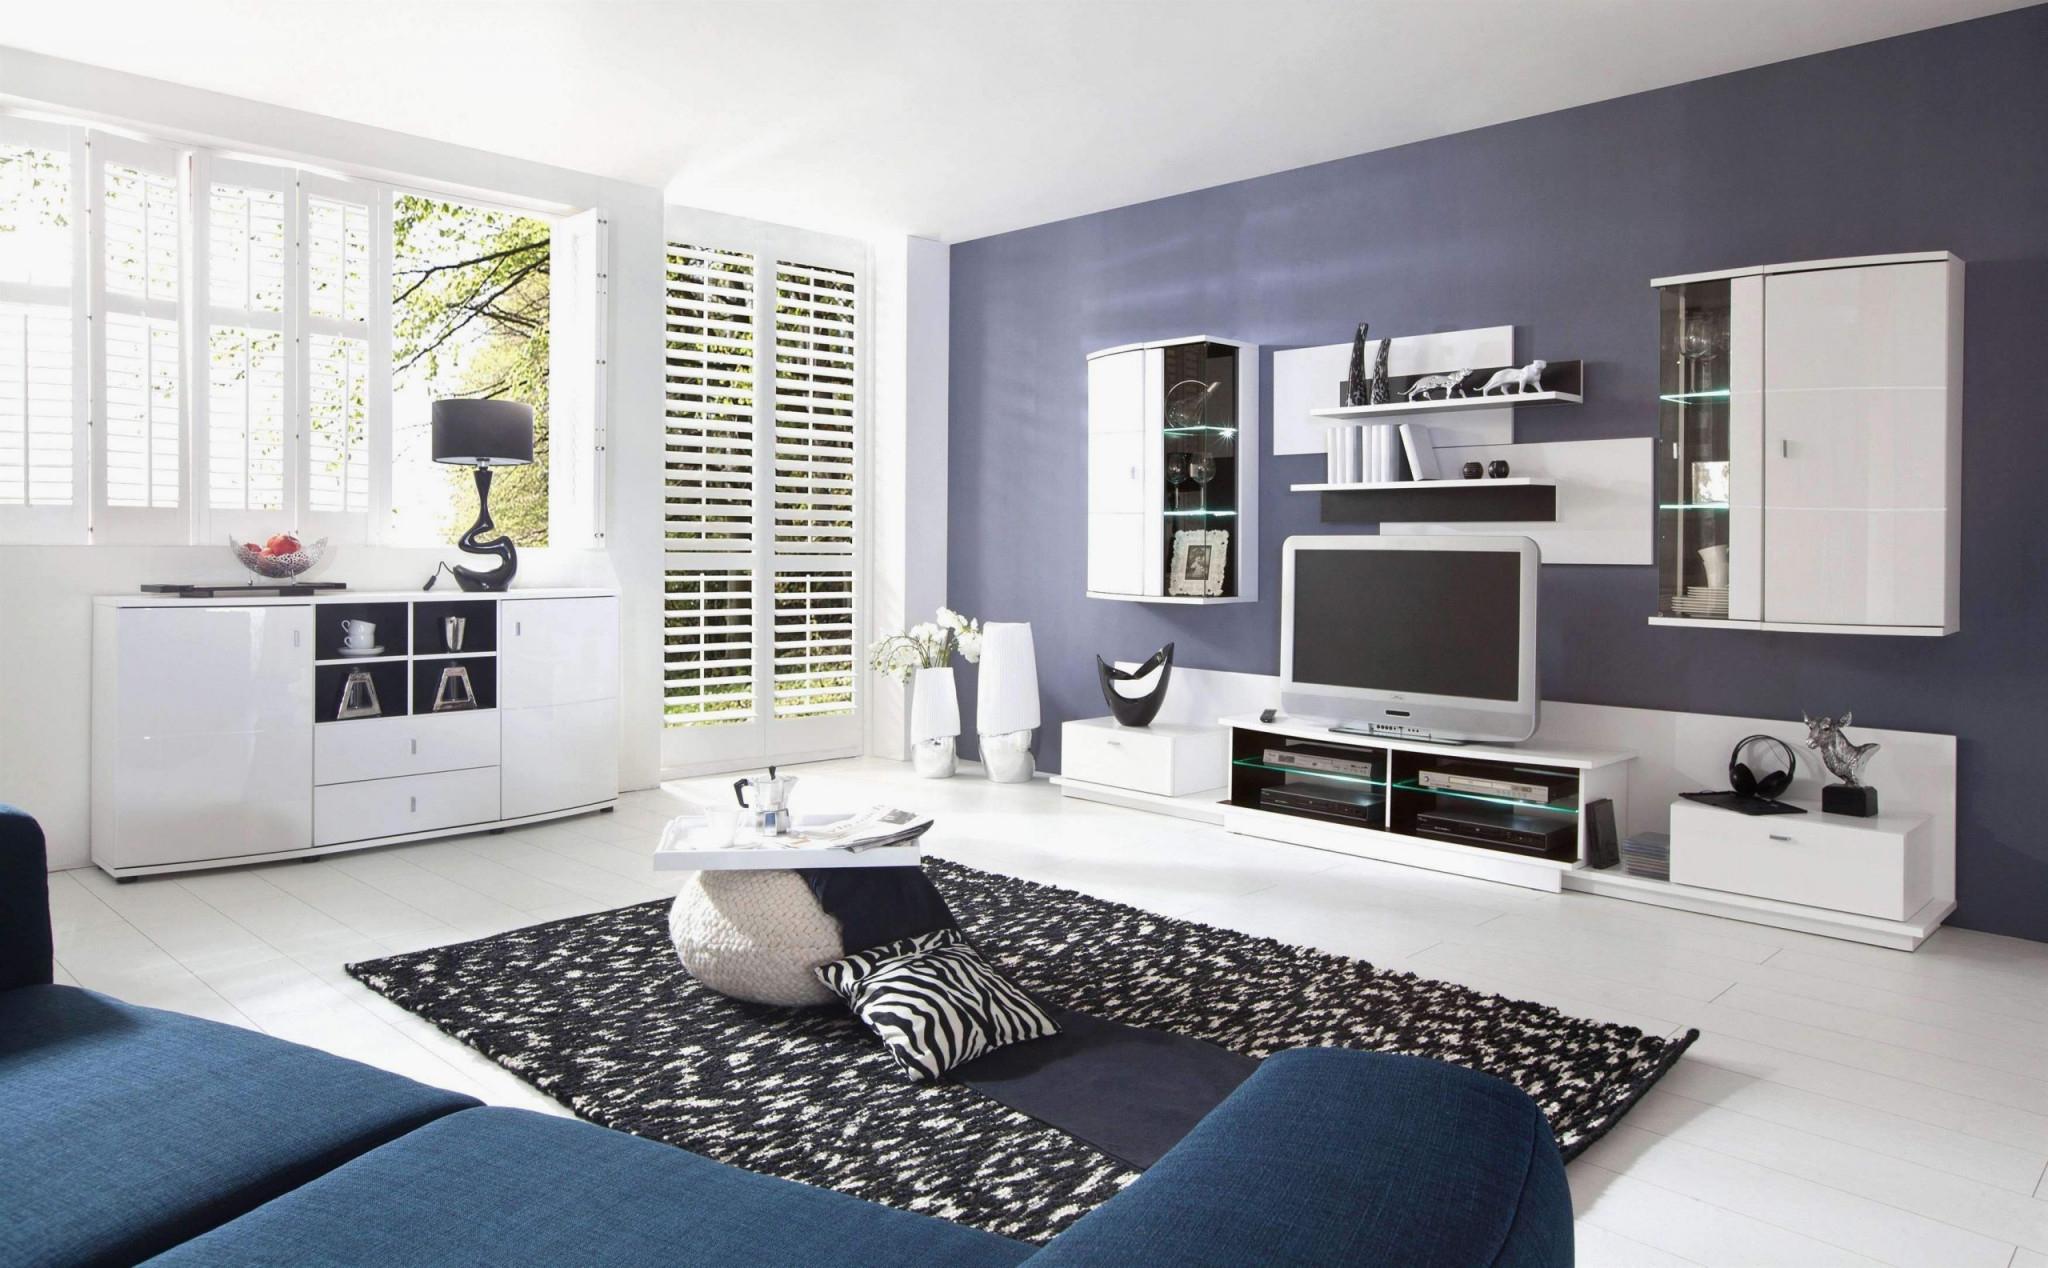 Schöne Wohnzimmer Bilder Frisch Neu Schöne Wohnzimmer von Schöne Bilder Für Das Wohnzimmer Photo